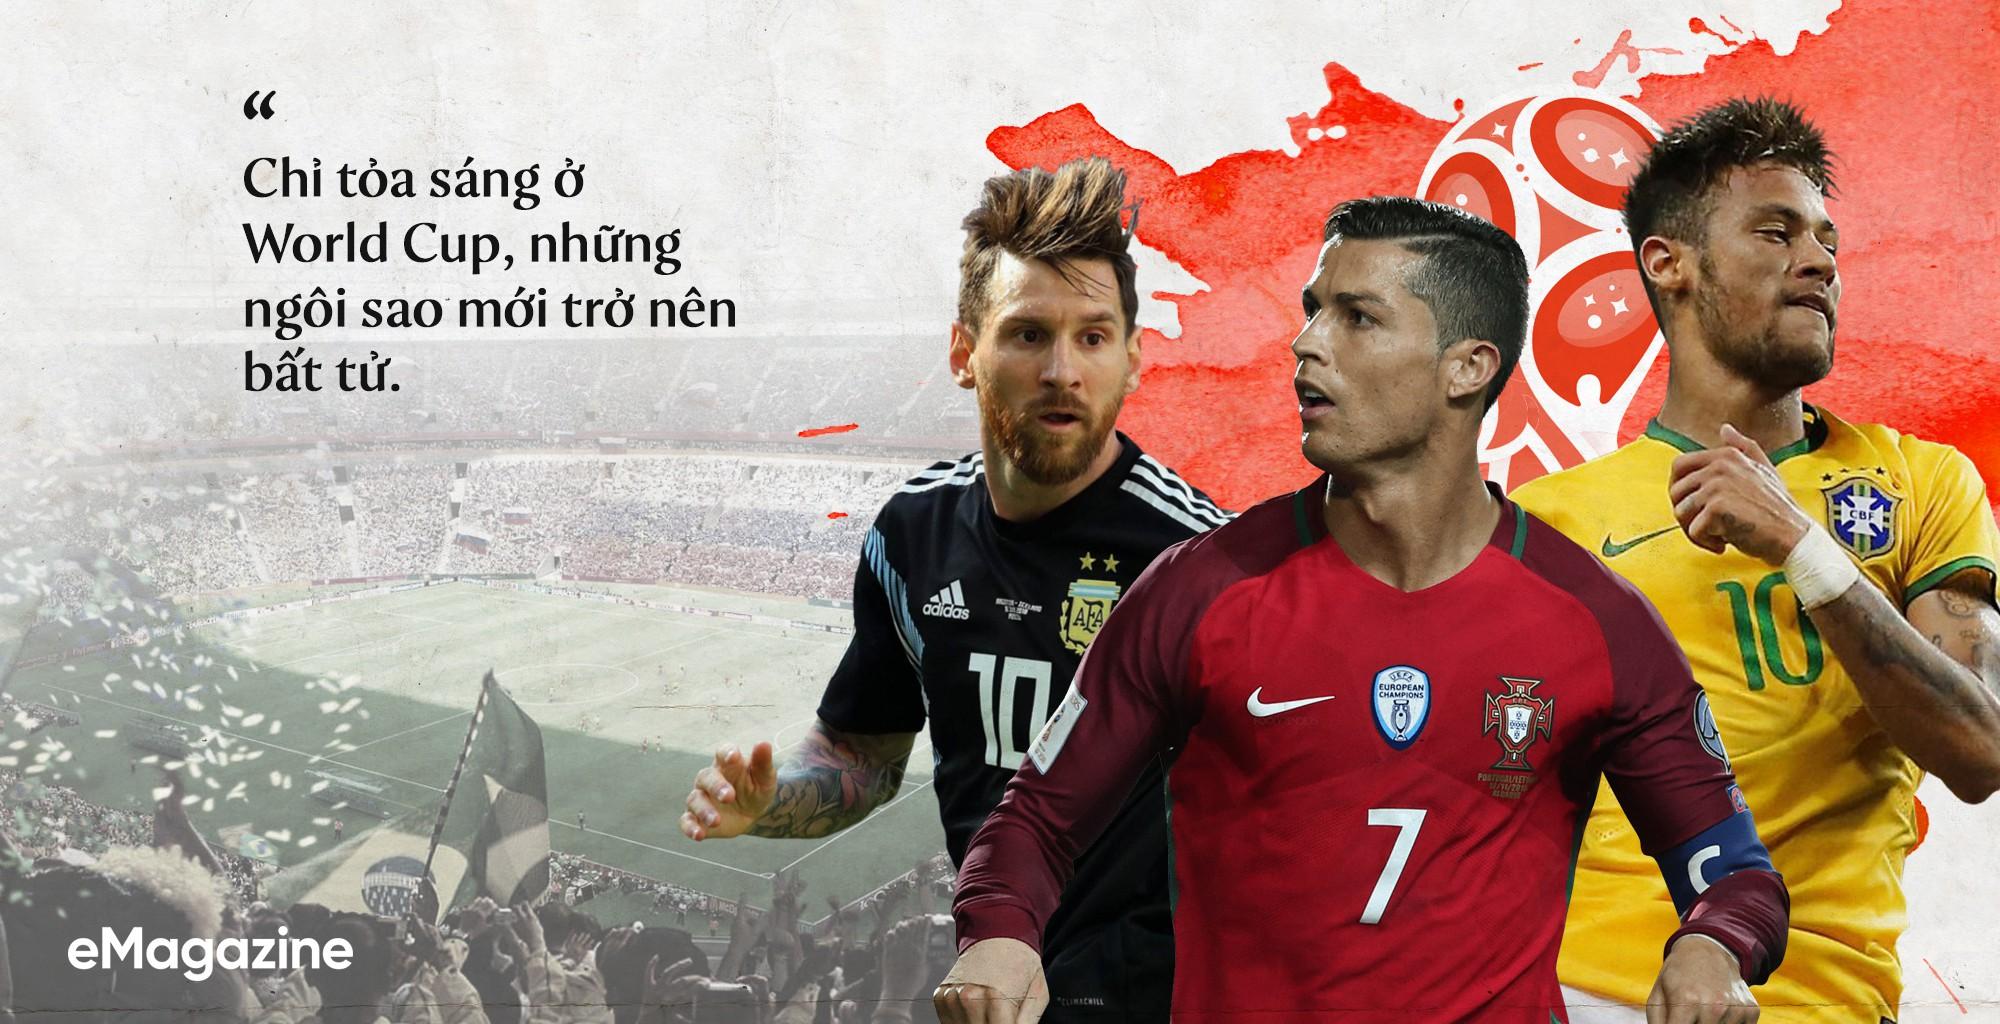 Messi và Ronaldo tan giấc mơ World Cup: Sẽ chẳng còn lần nào để trở thành vĩ đại - Ảnh 14.